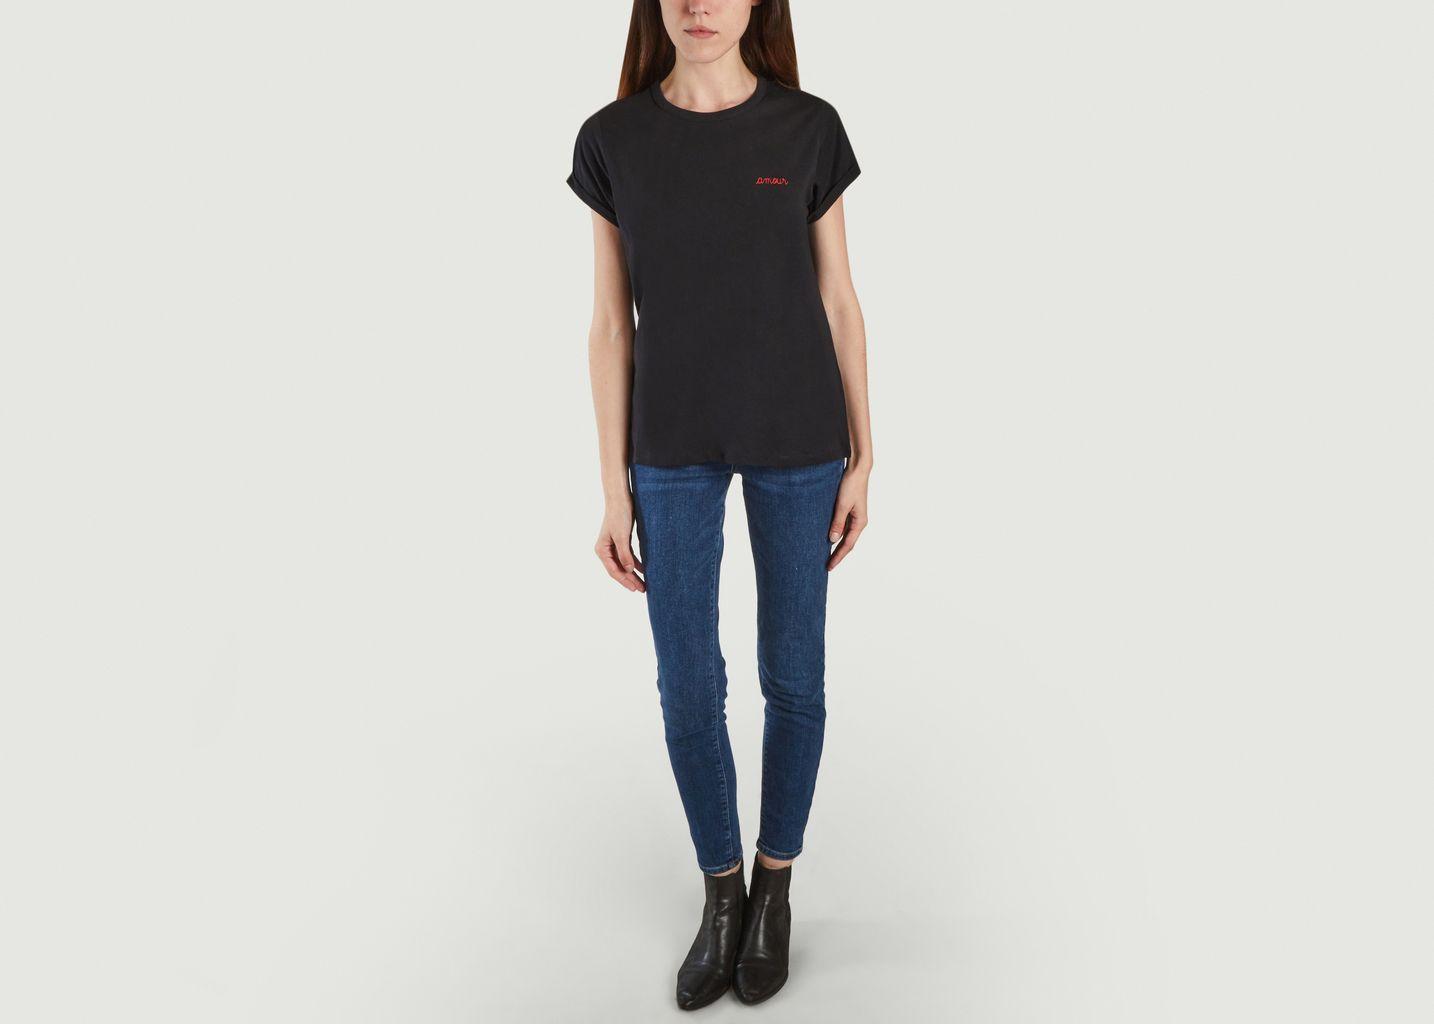 T-shirt Poitou Amour - Maison Labiche